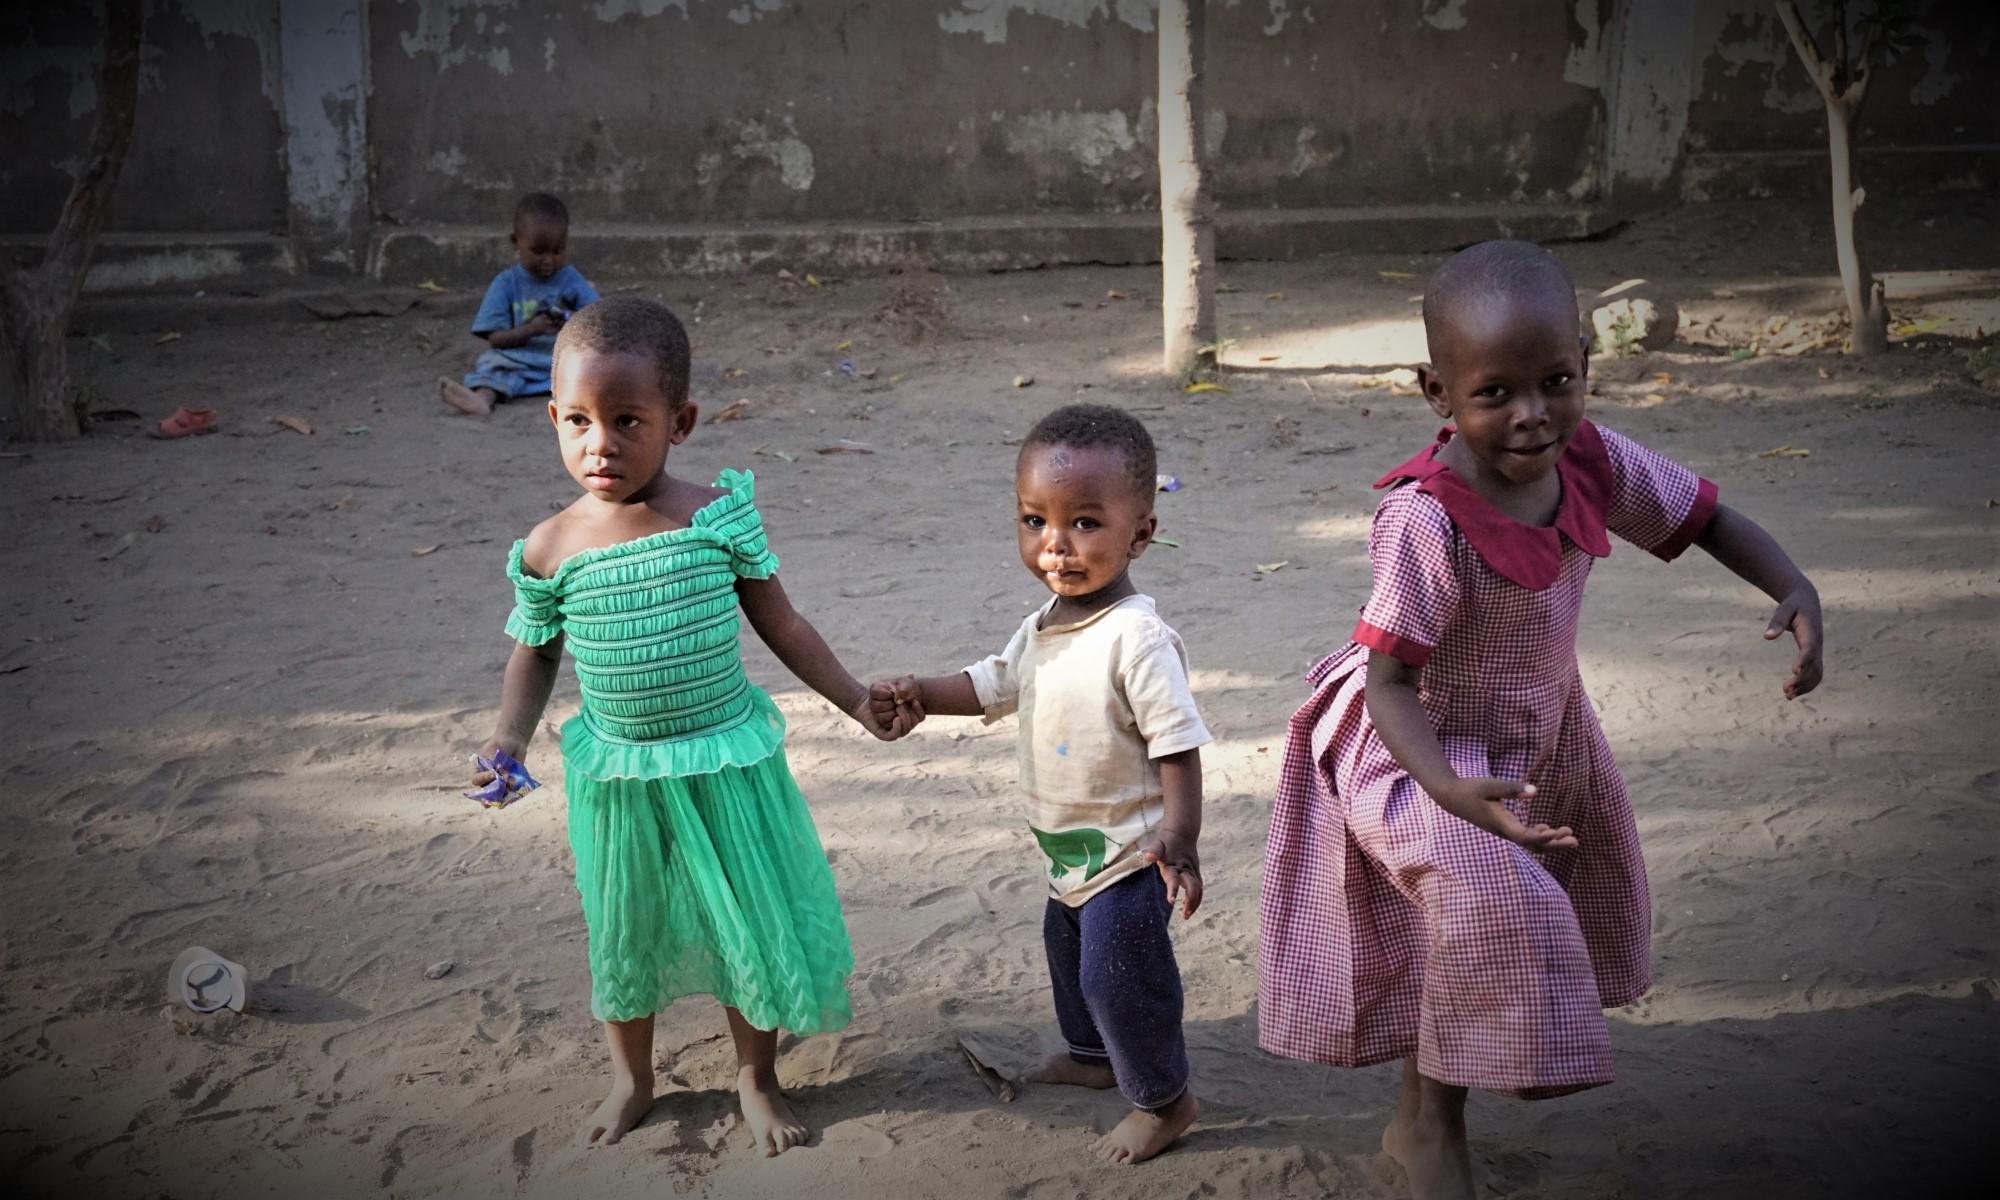 Maya, Evans und die tanzende Lydia